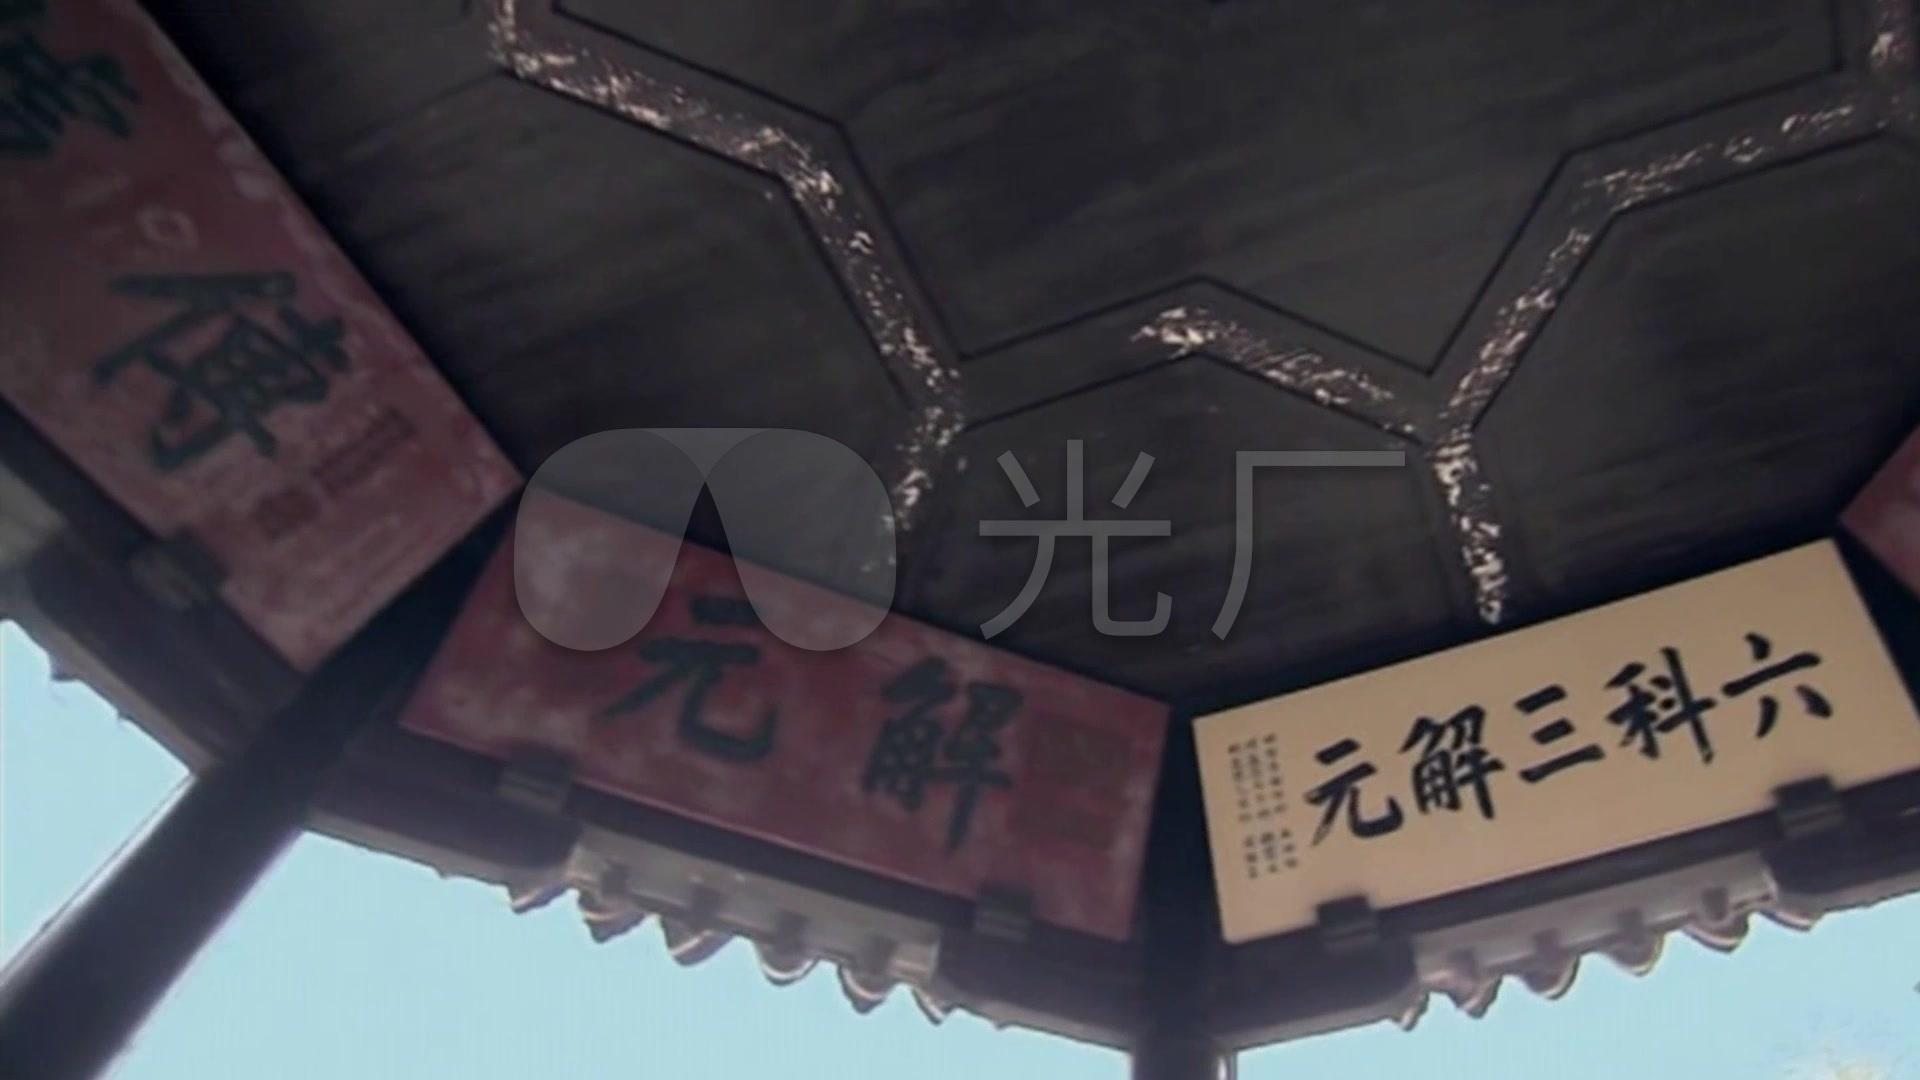 亭子上挂有古代科举等级告示牌_1920X1080_